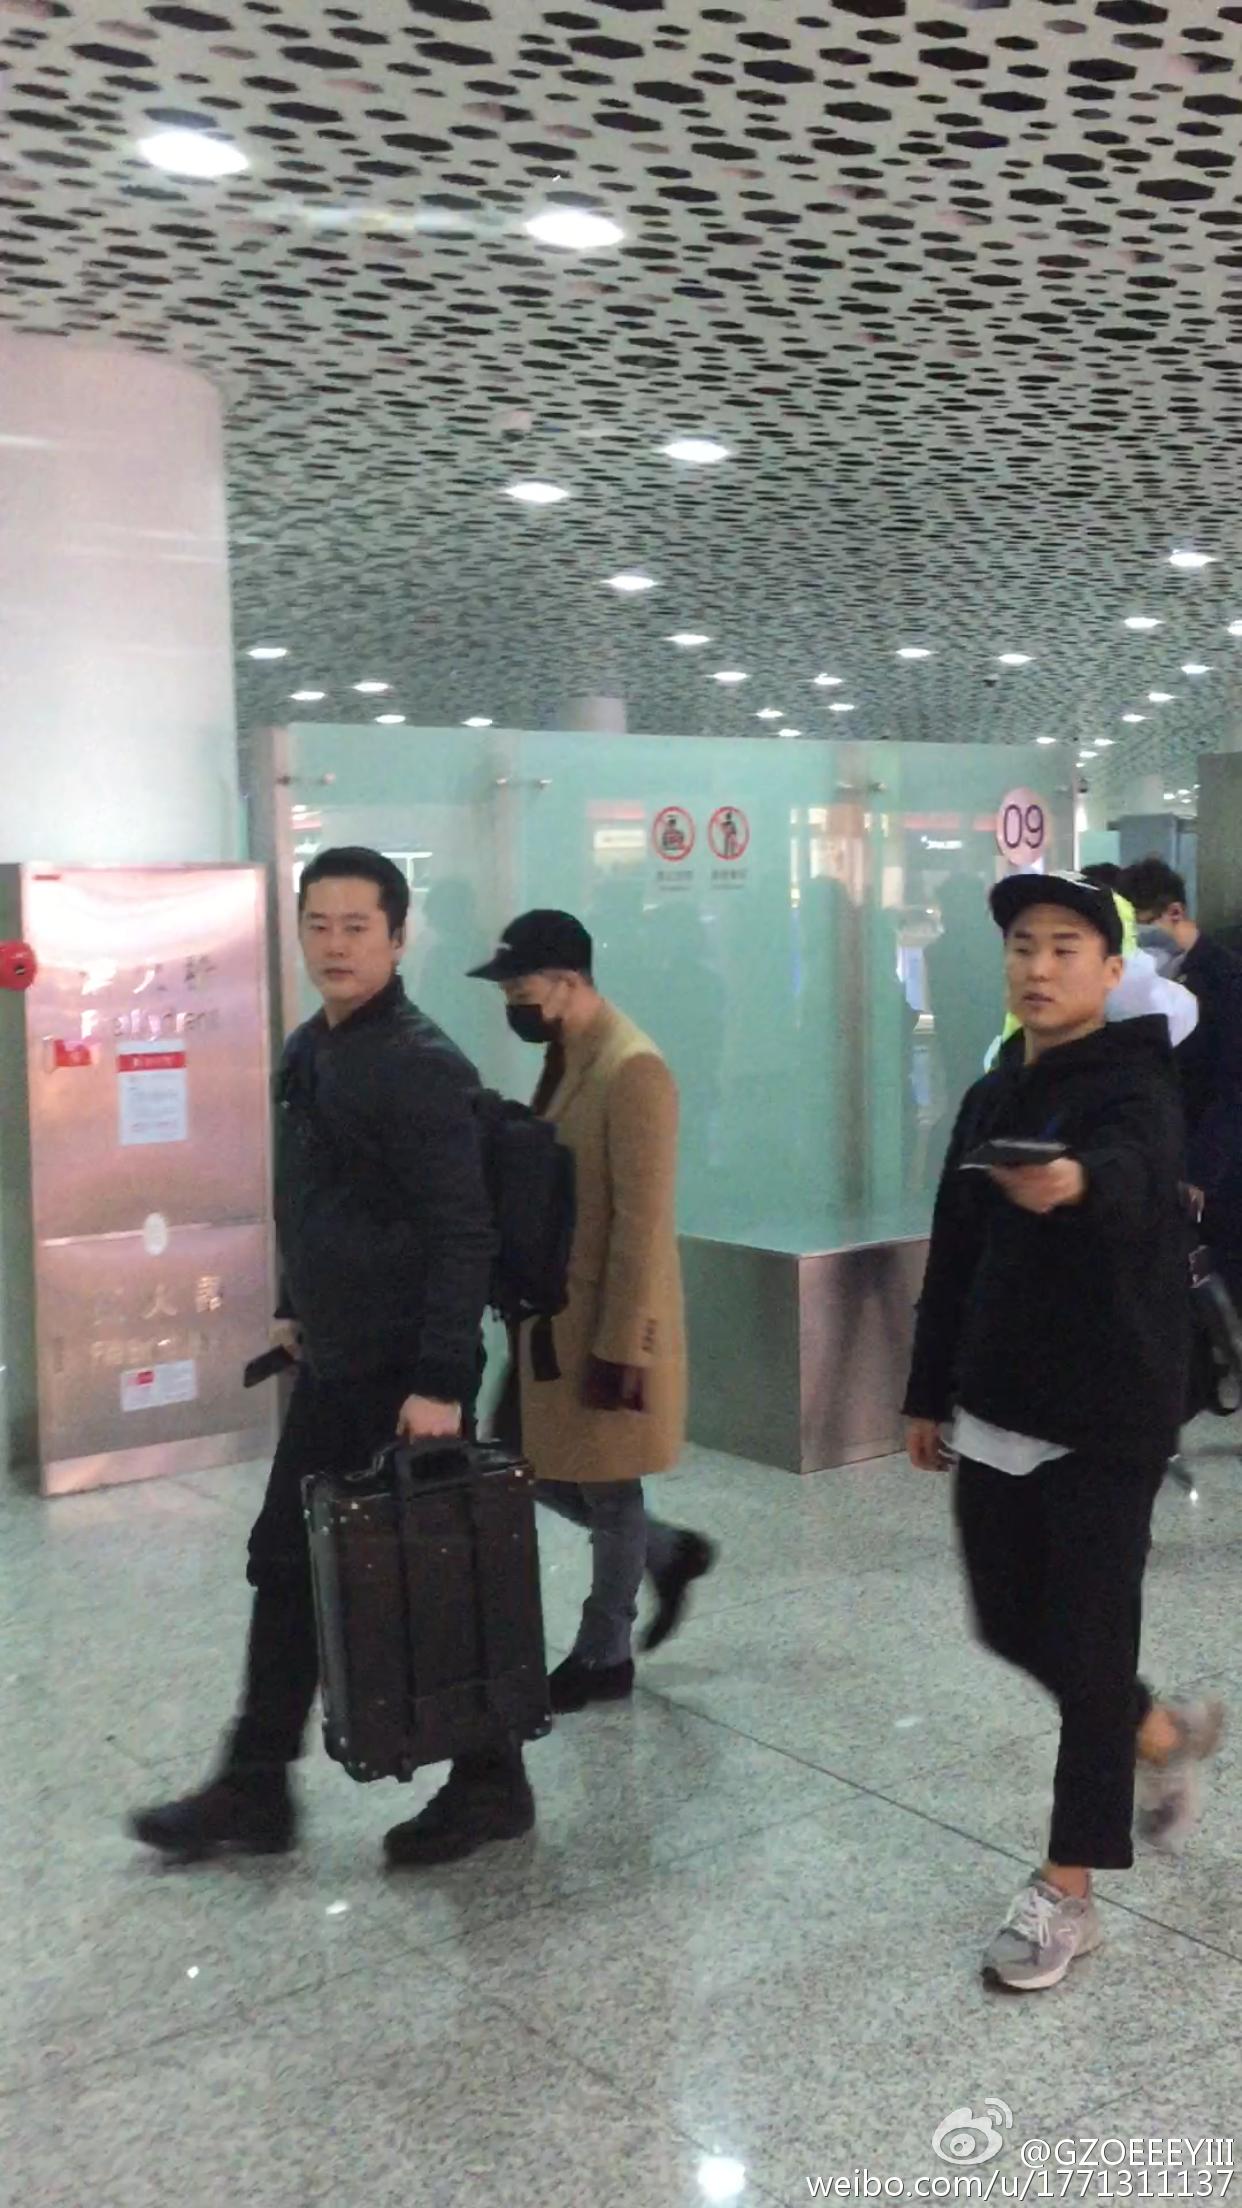 Shenzhen Airport 2016-03-14 (25)